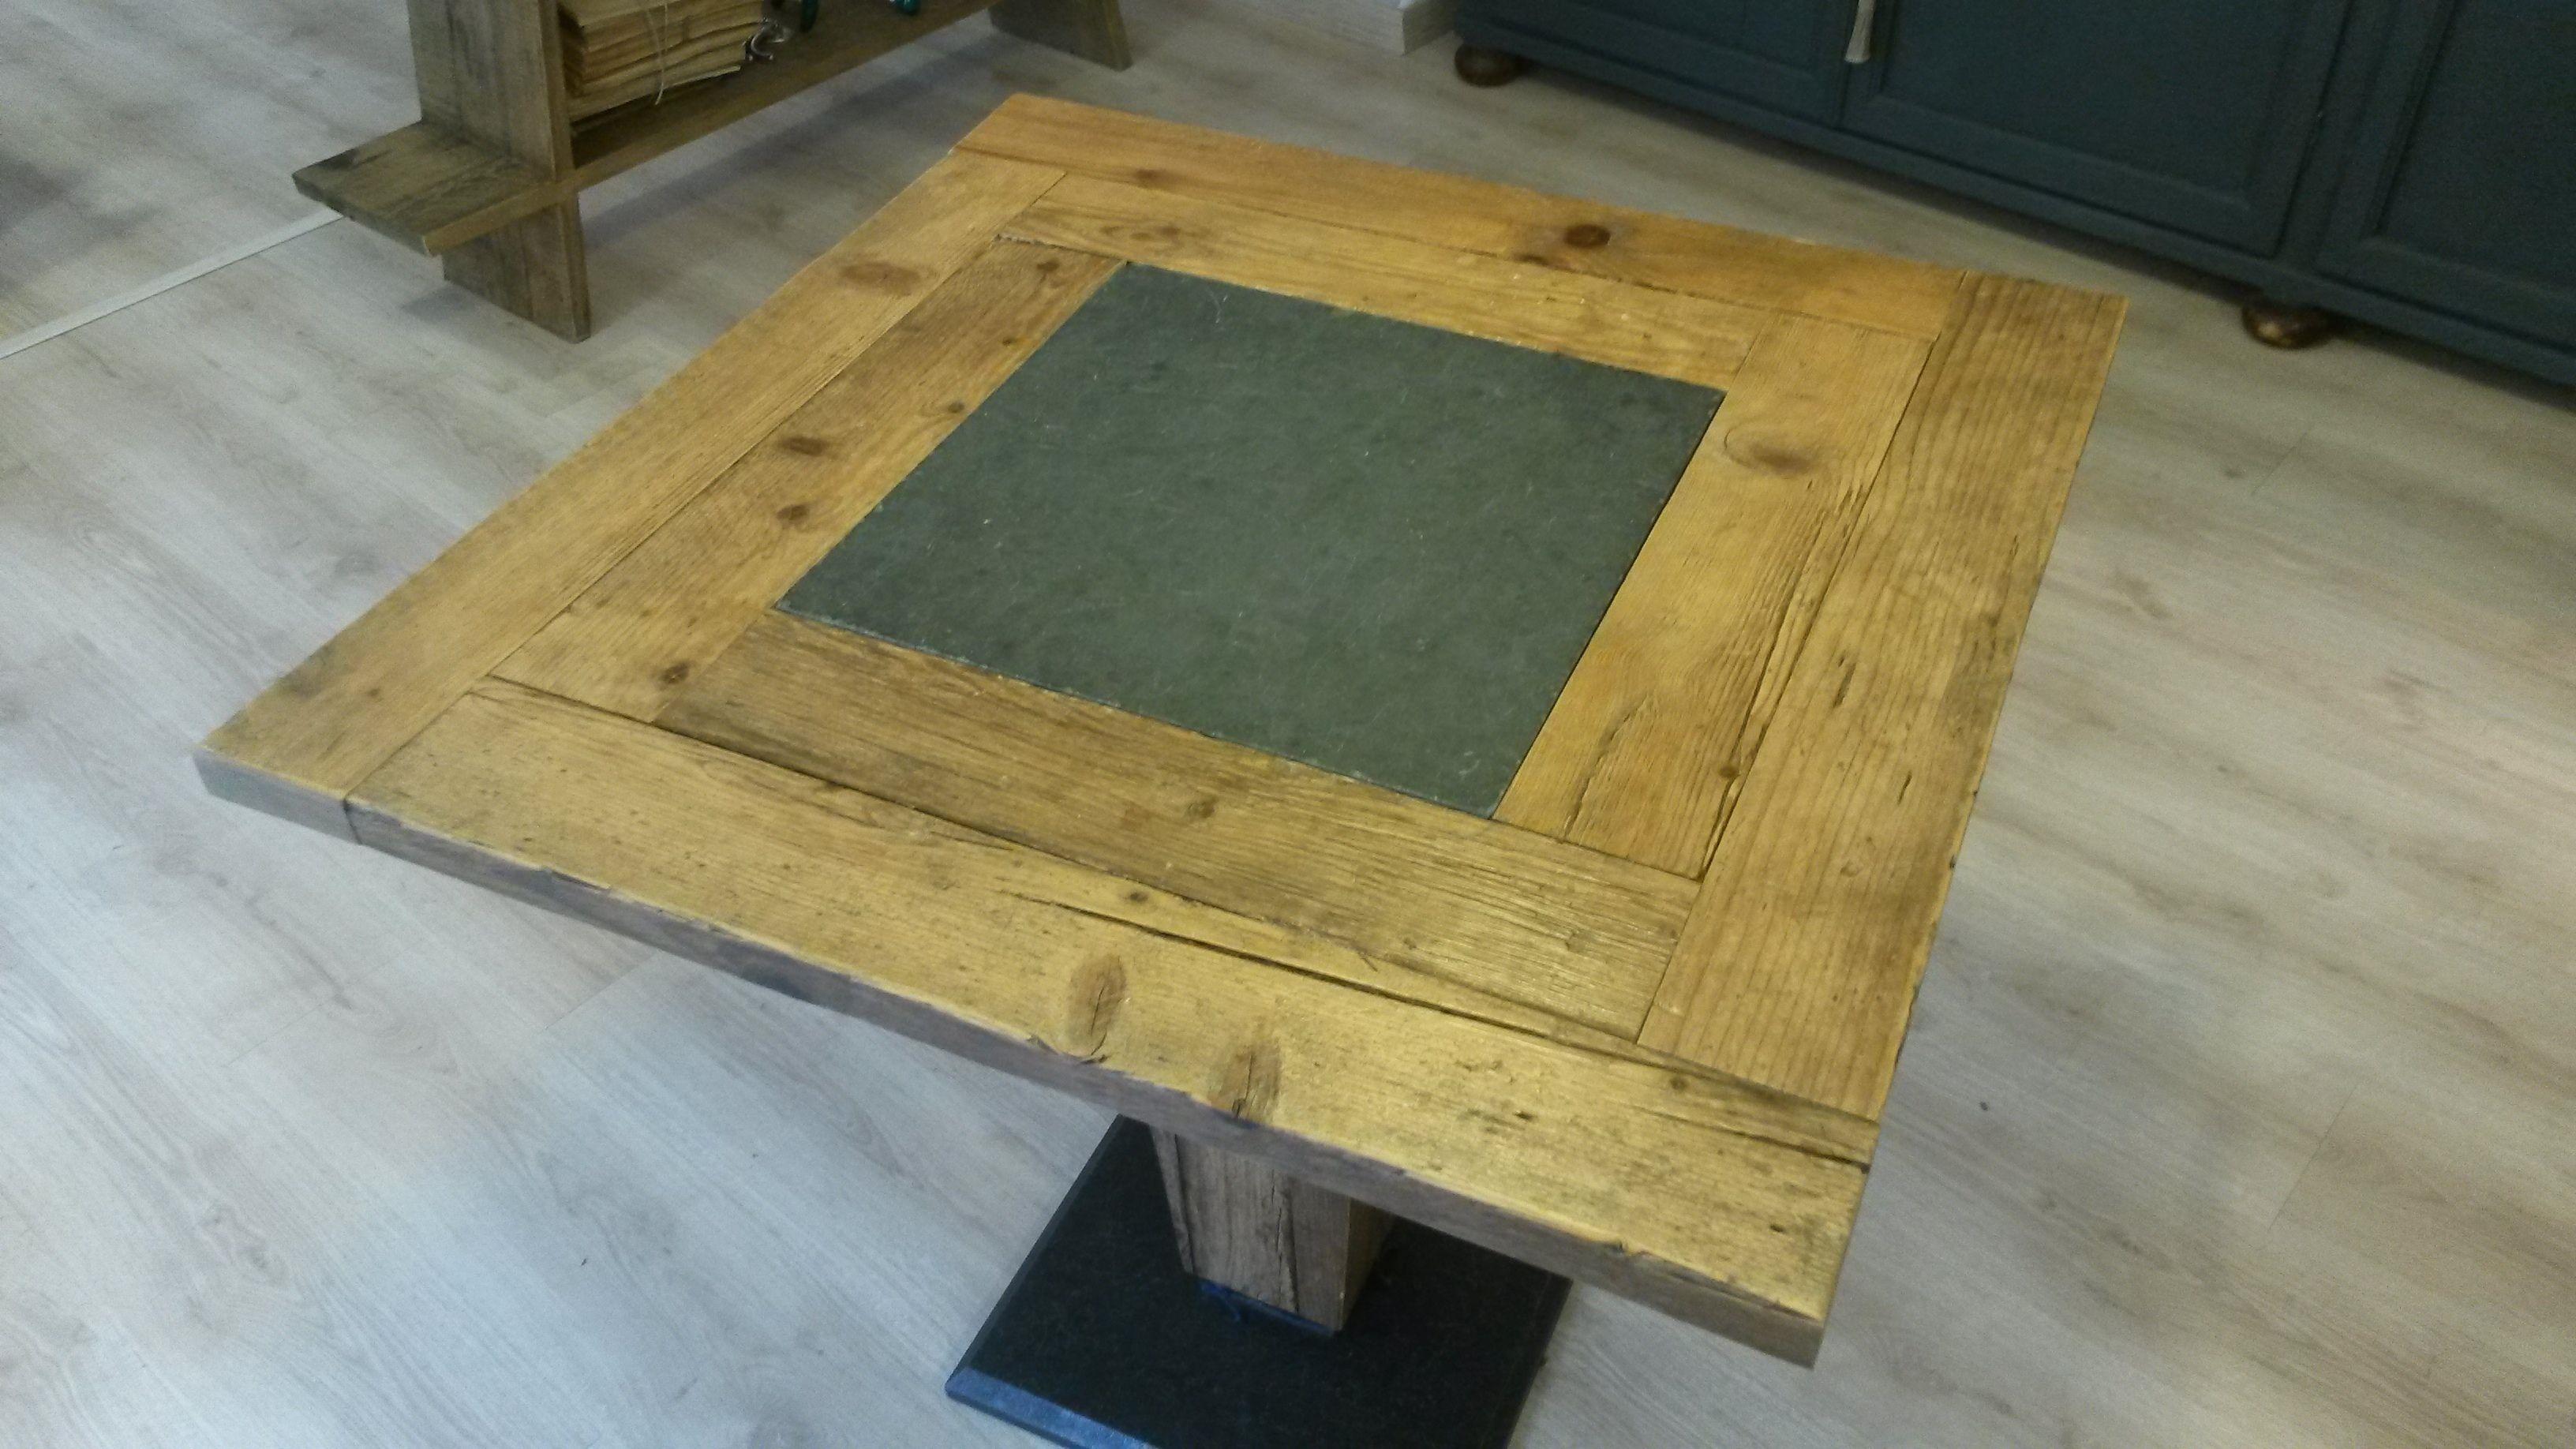 Tavolo dialma brown in legno scontato del 51%   tavoli a prezzi ...